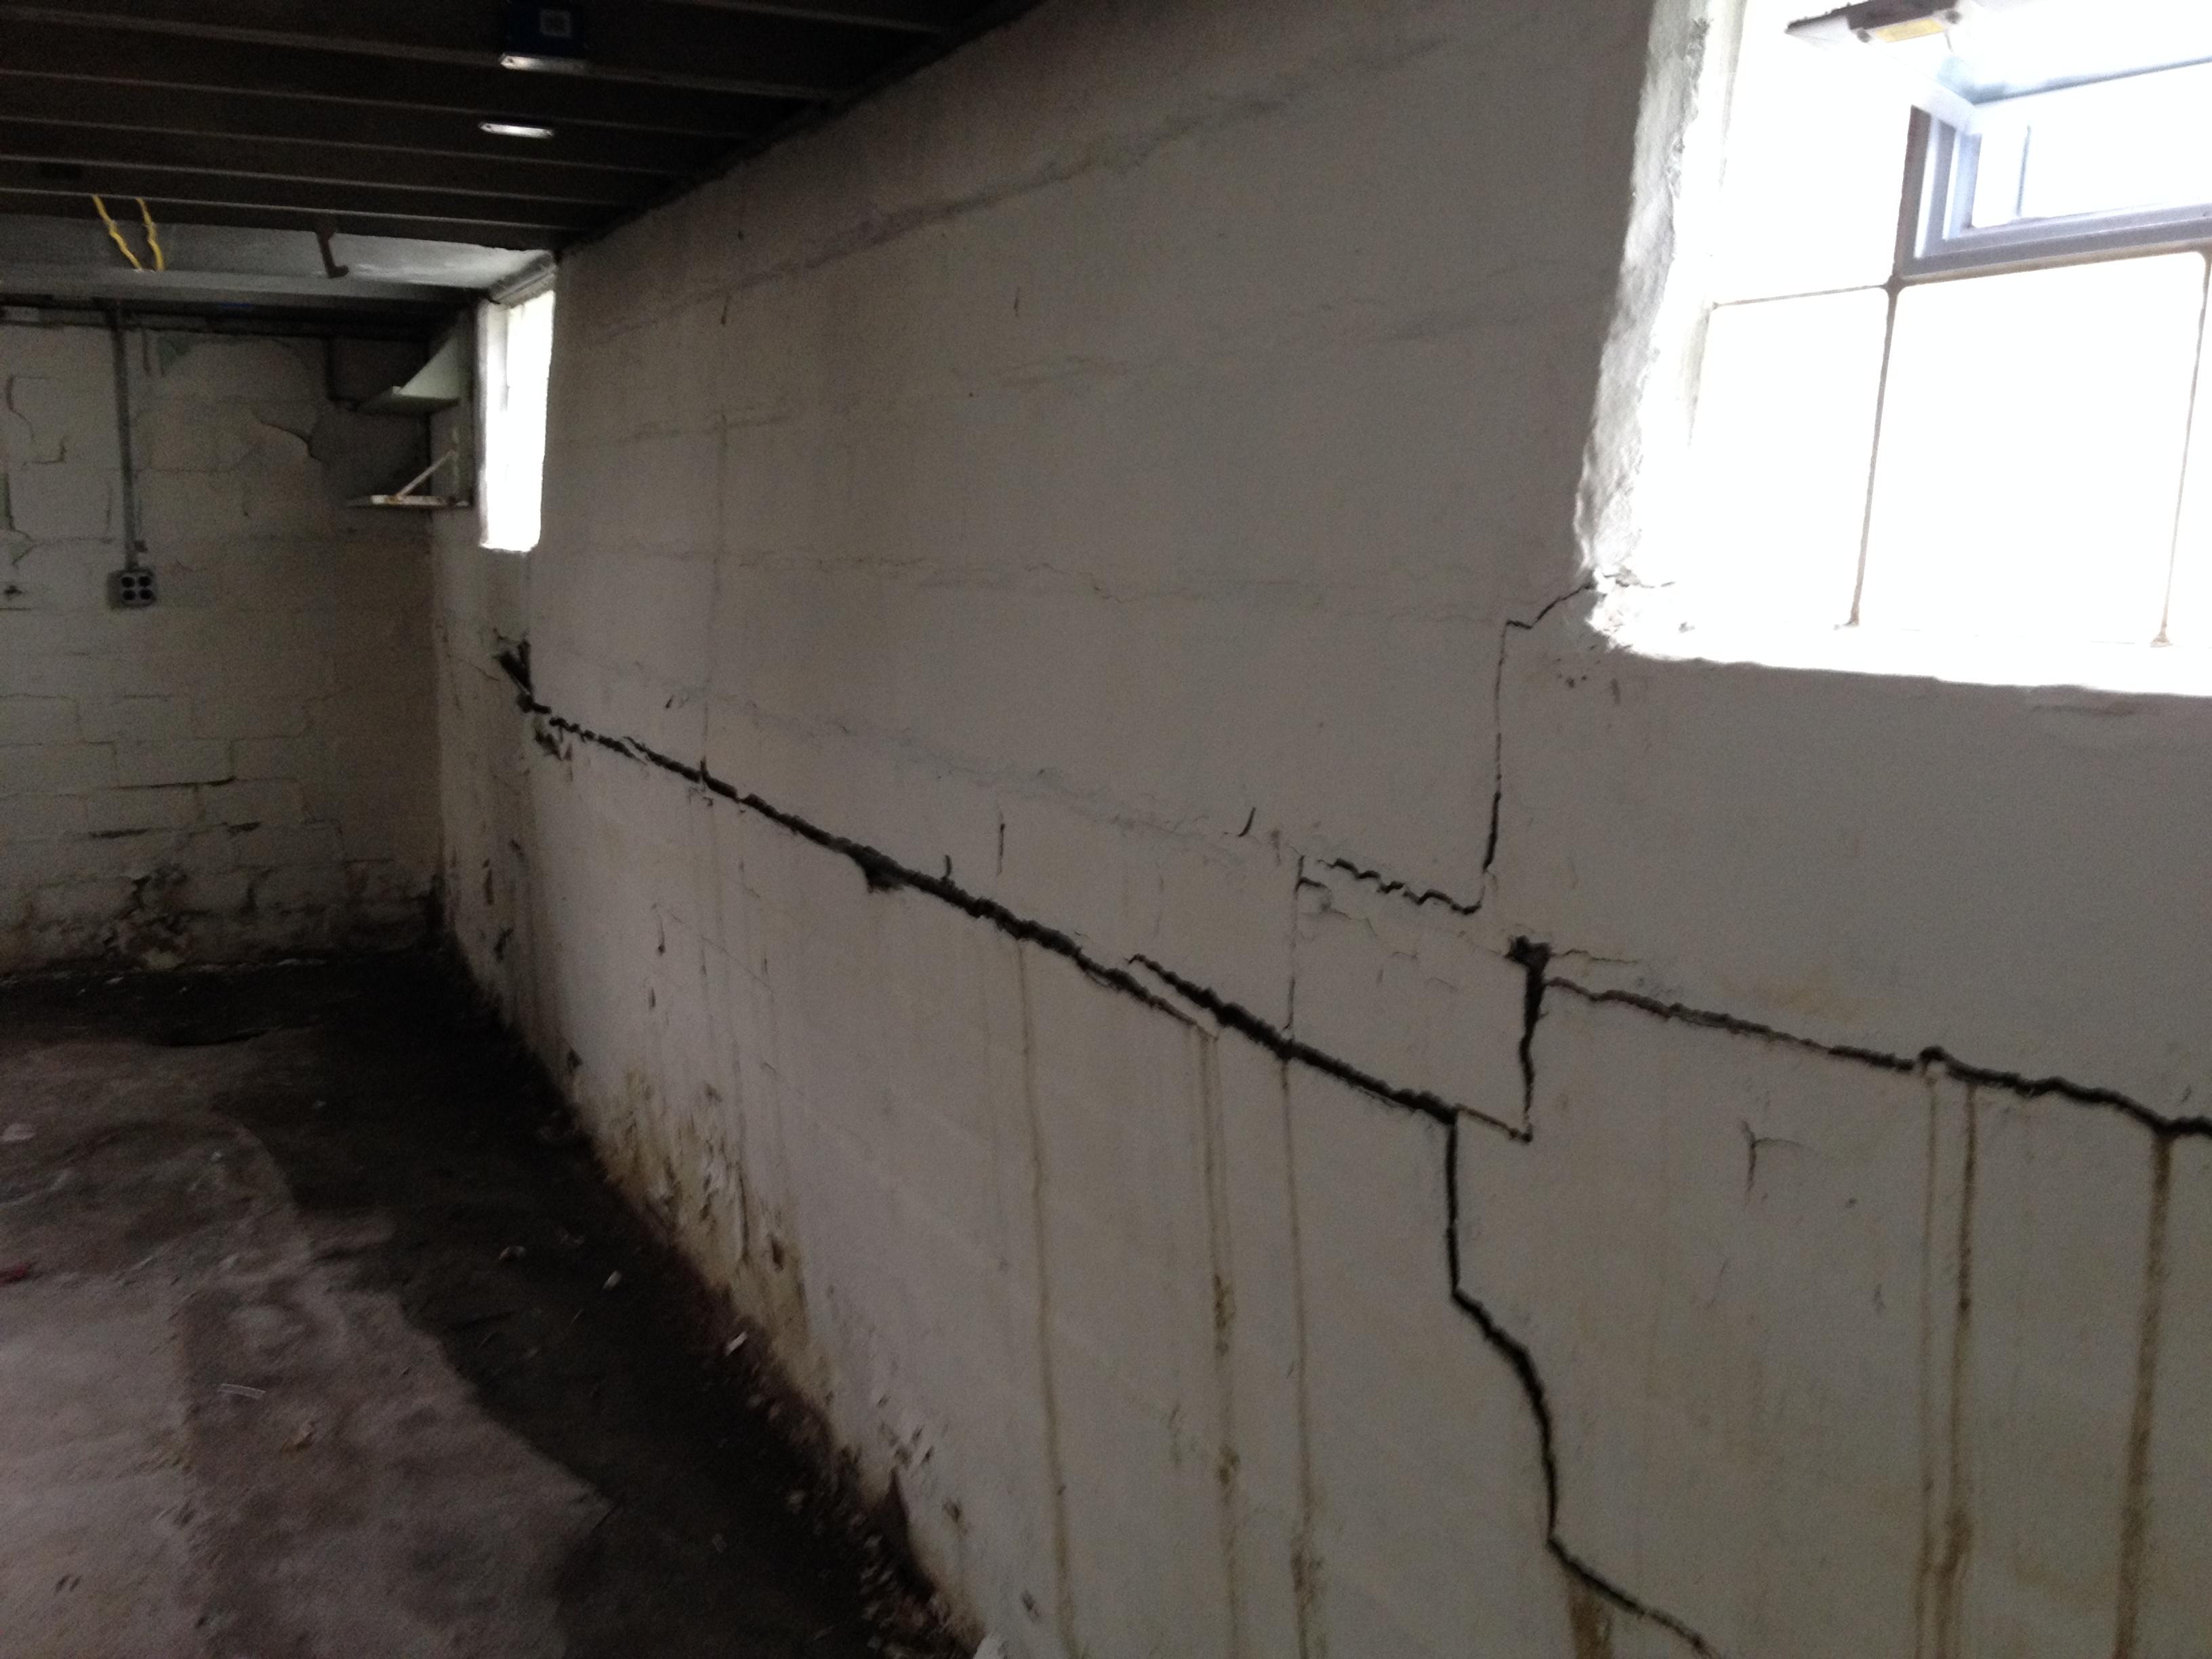 bowed walls